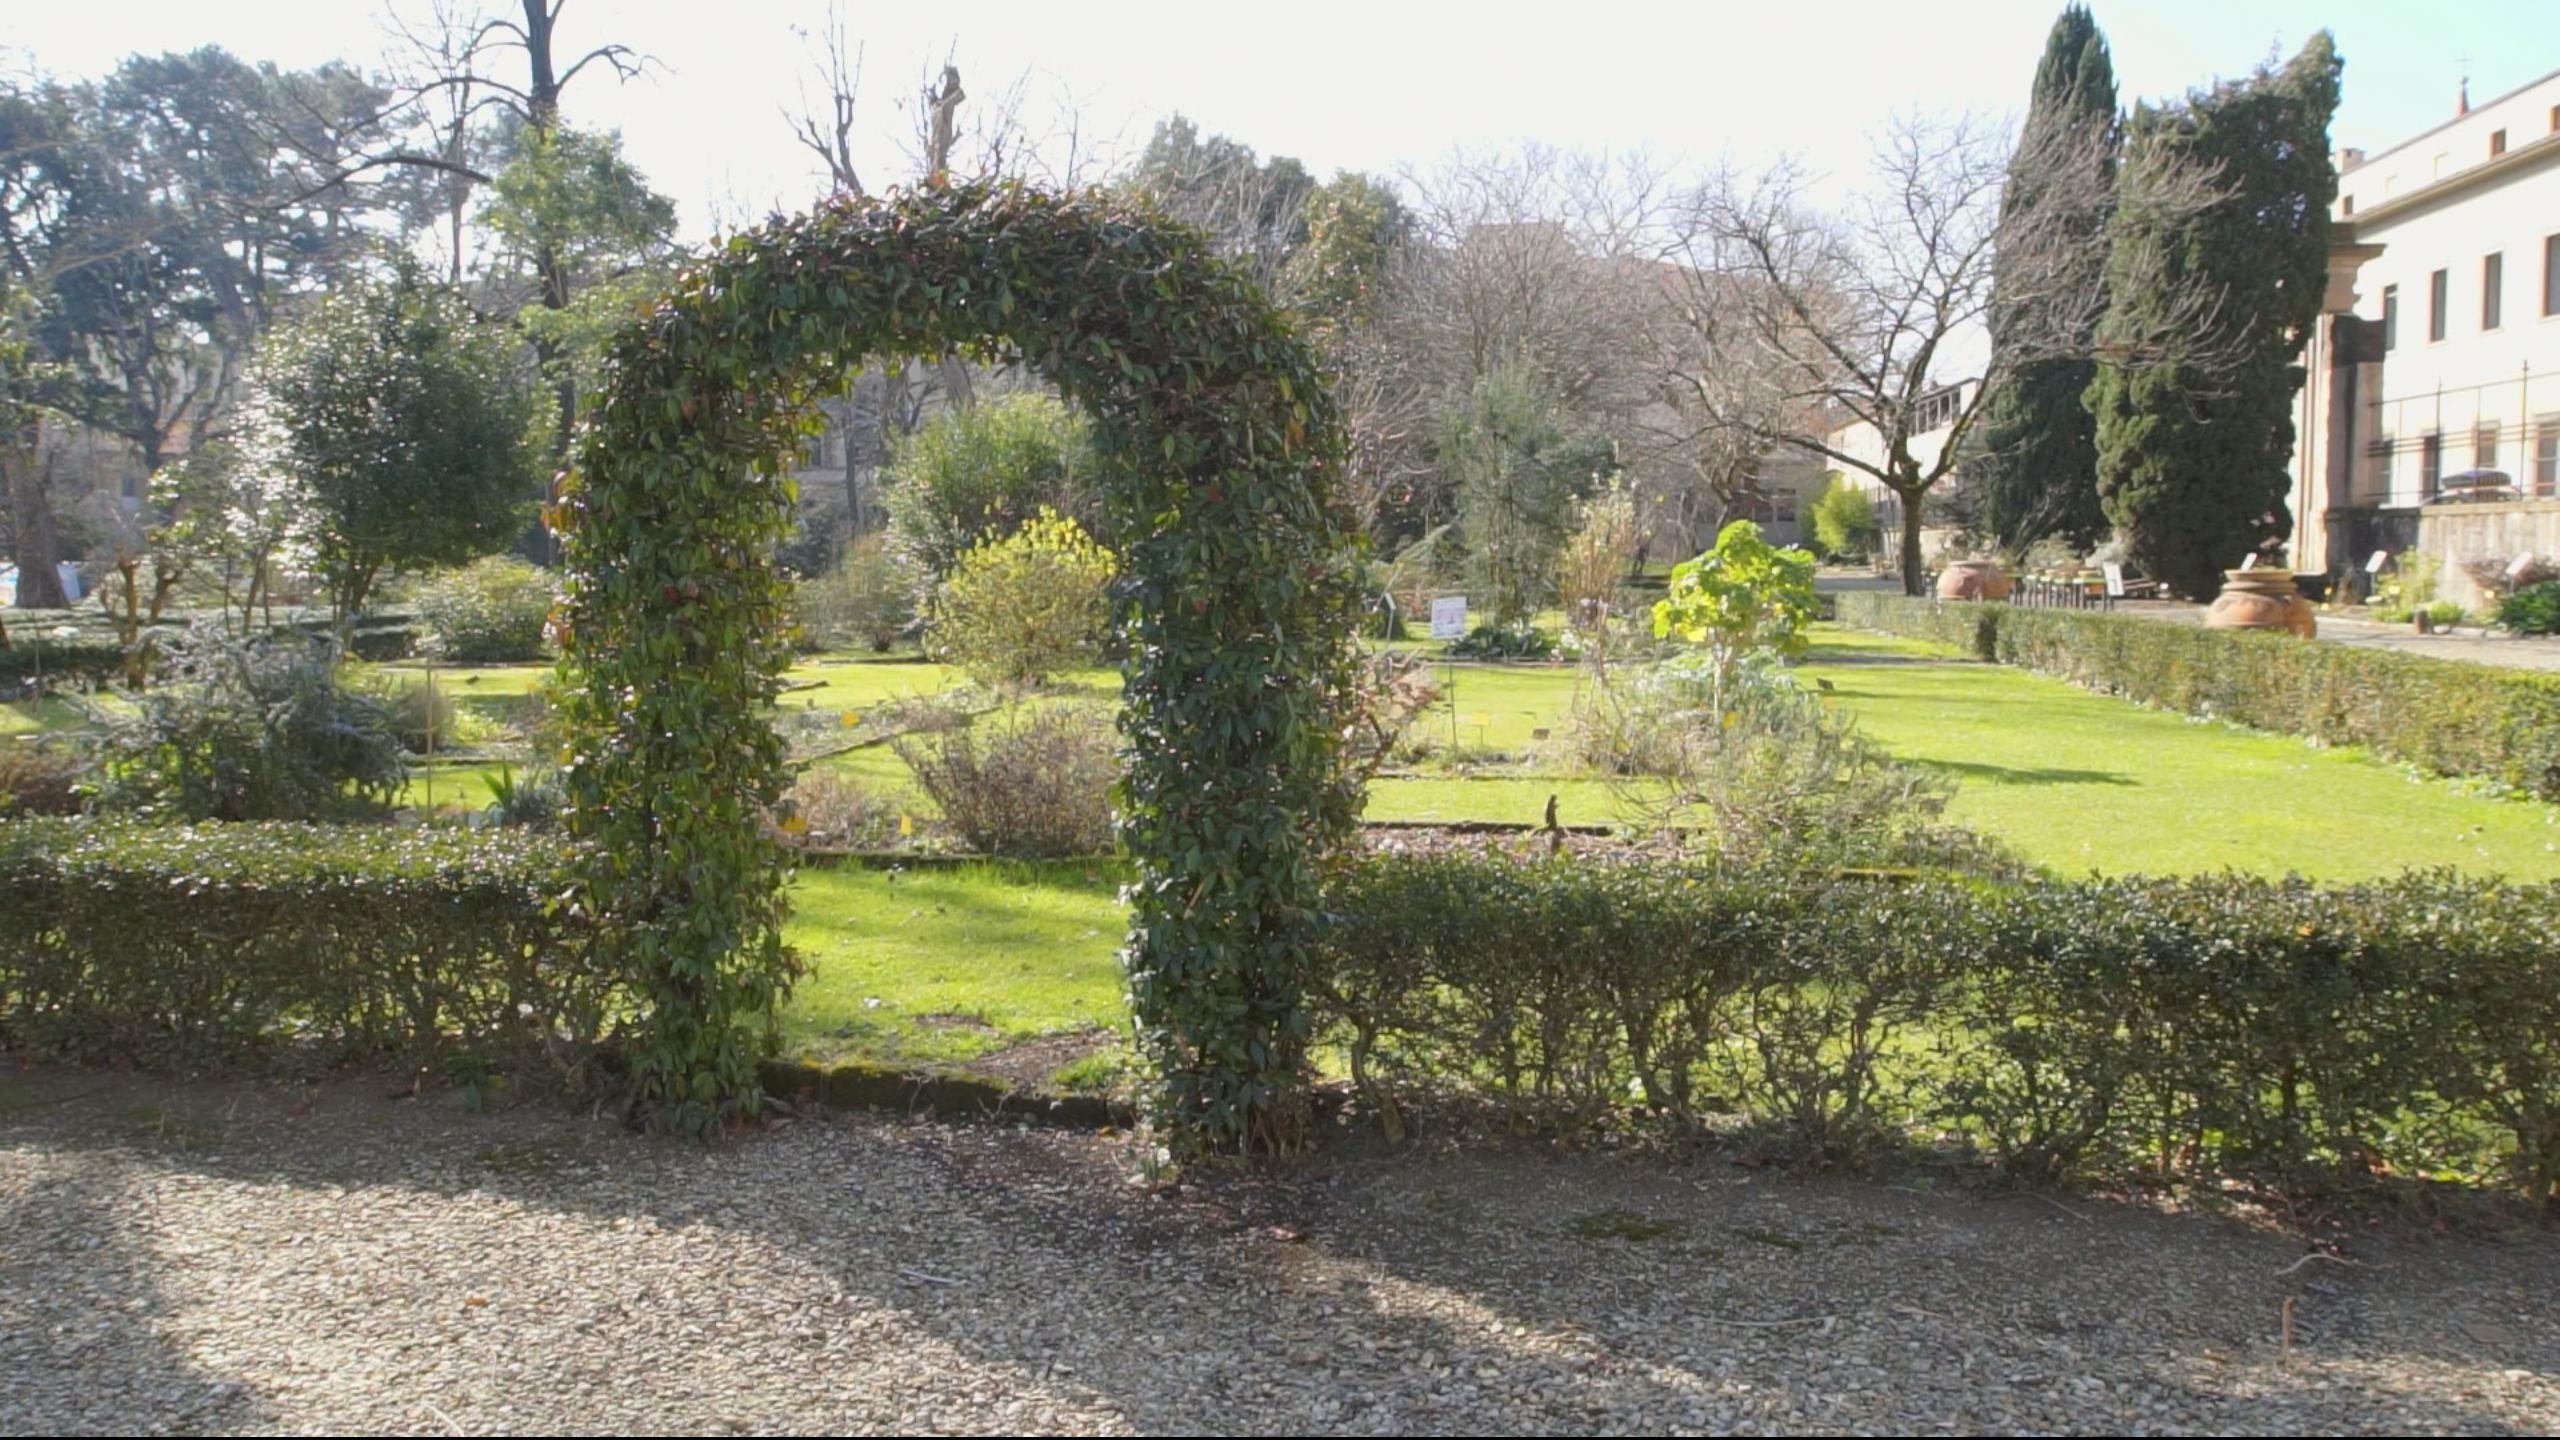 Giardino dell iris l orto botanico dedicato al fiore simbolo di